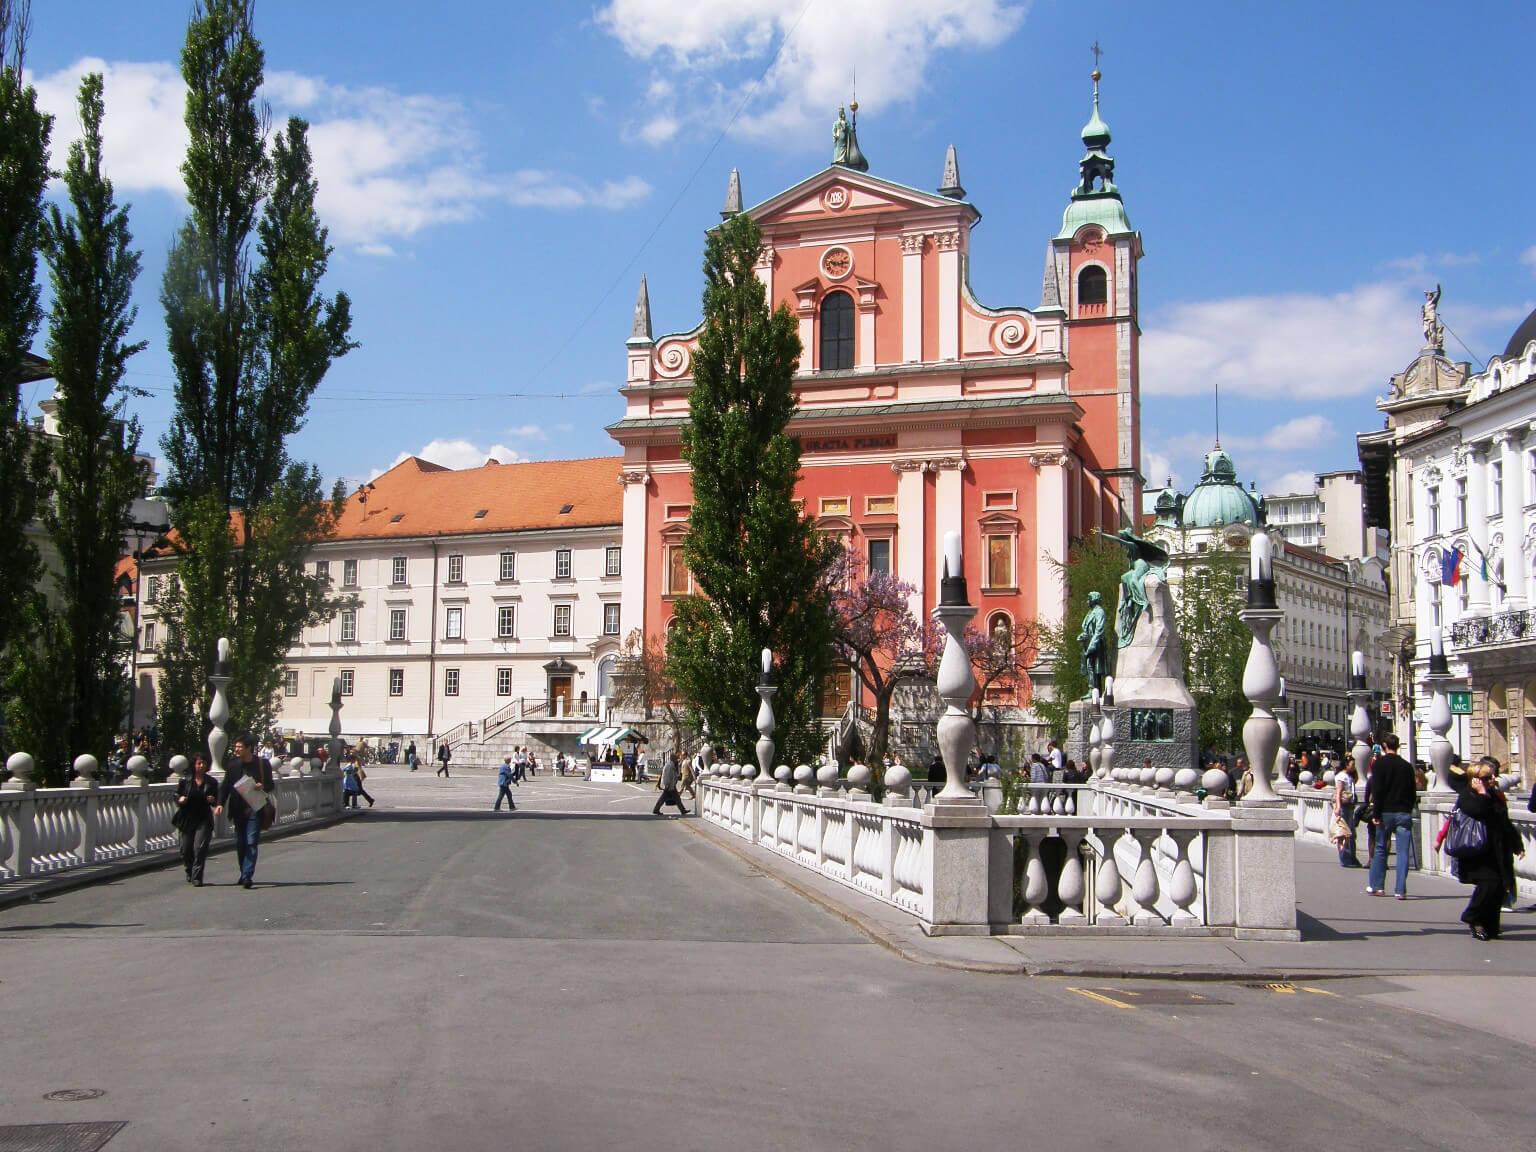 Церковь францисканцев в центре города